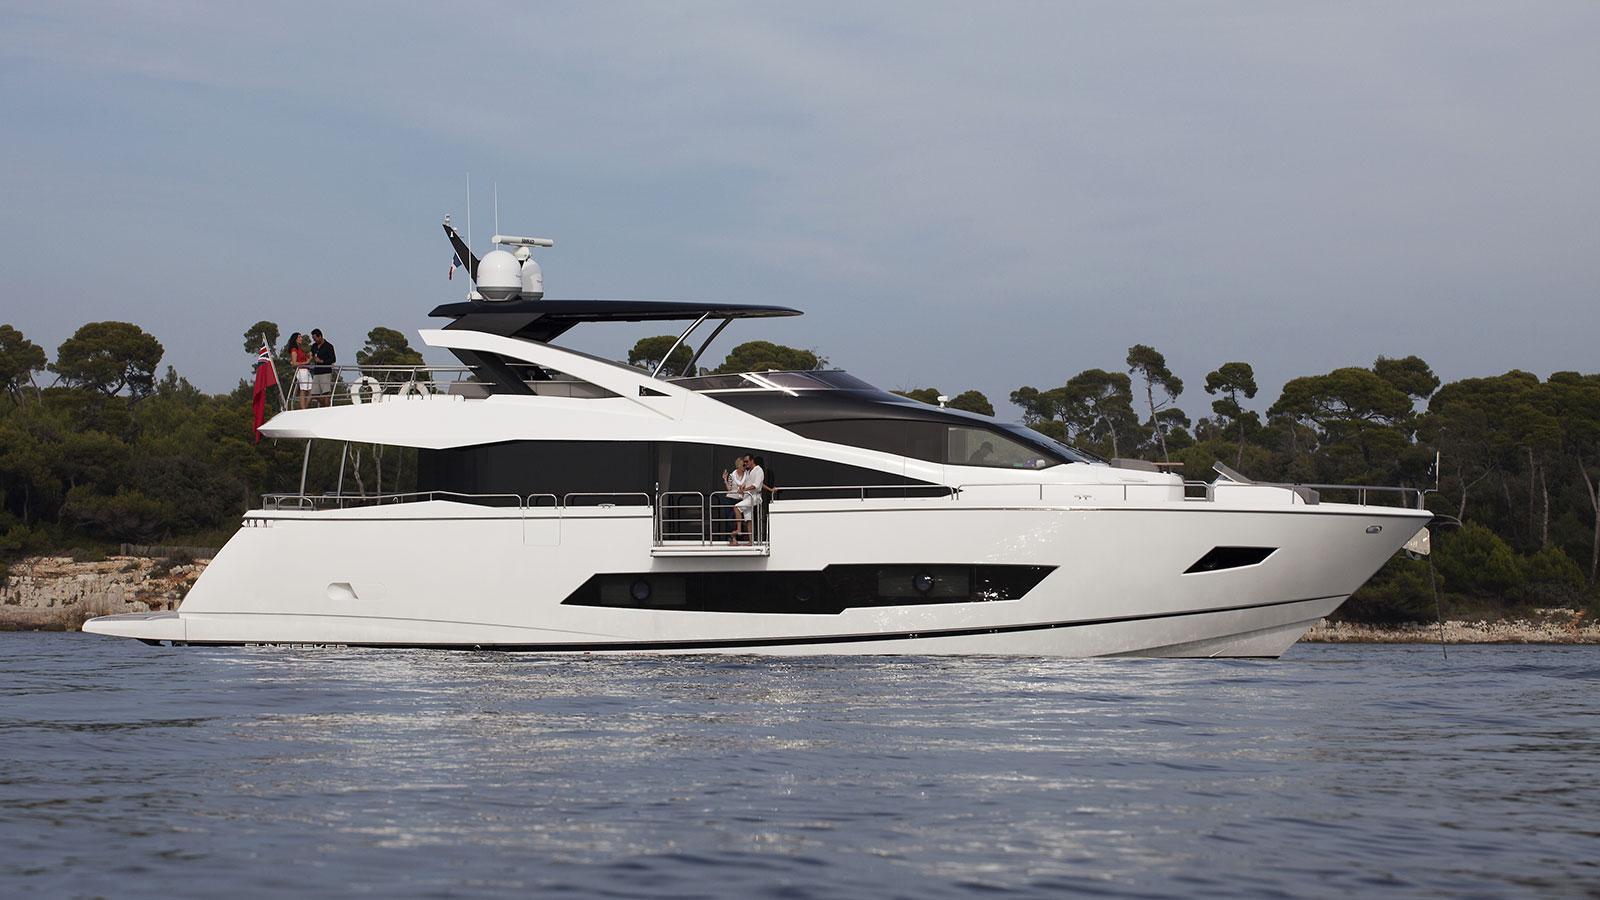 cinderella noel motoryacht sunseeker yachts 26m 2016 profile sistership